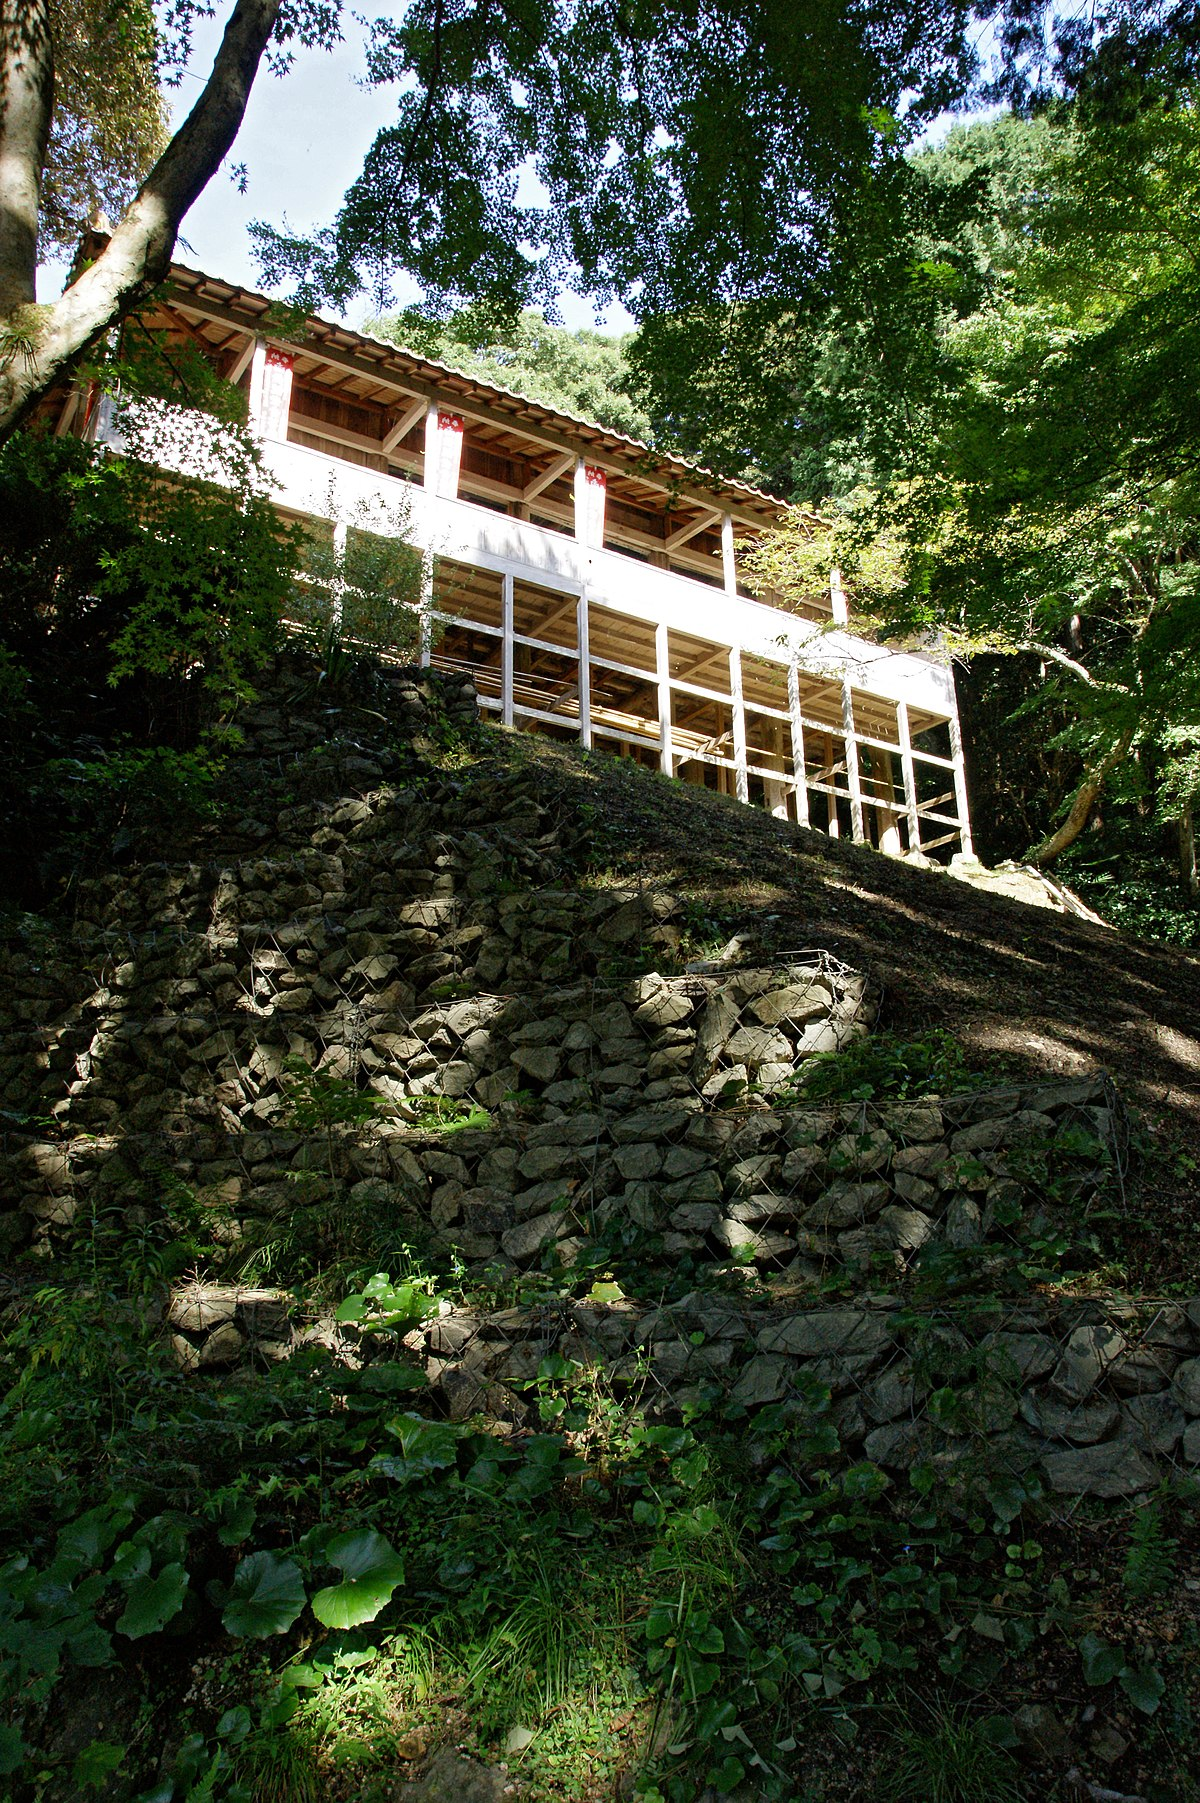 長谷寺 (倉吉市) - Wikipedia